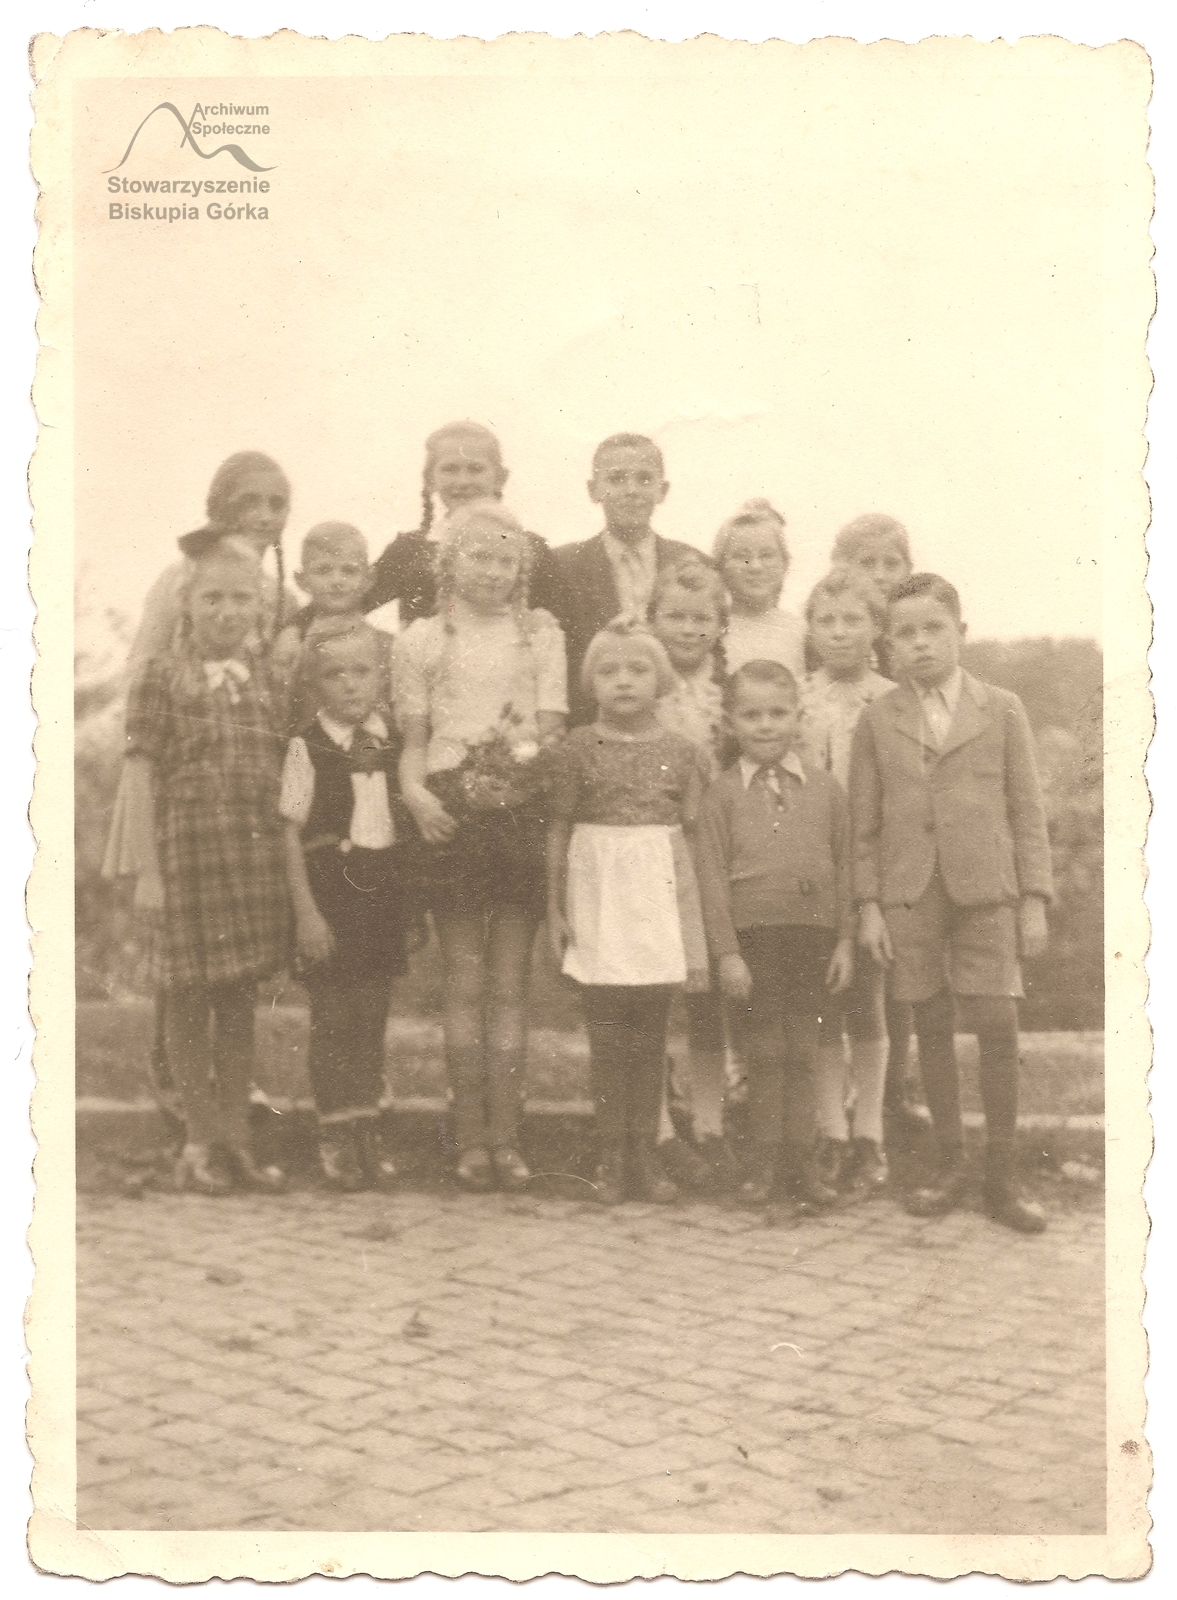 Urodziny Gizeli Olińskiej (z kwiatami), córki właścicieli Cafe Bischofshohe. Wsród gości Urszula Marschinke (Kiedrowska) z siostrą. Dzieci stoją przy ulicy prowadzącej do kawiarni. Zdjecie zrobiono w 1940 lub 1941 r.